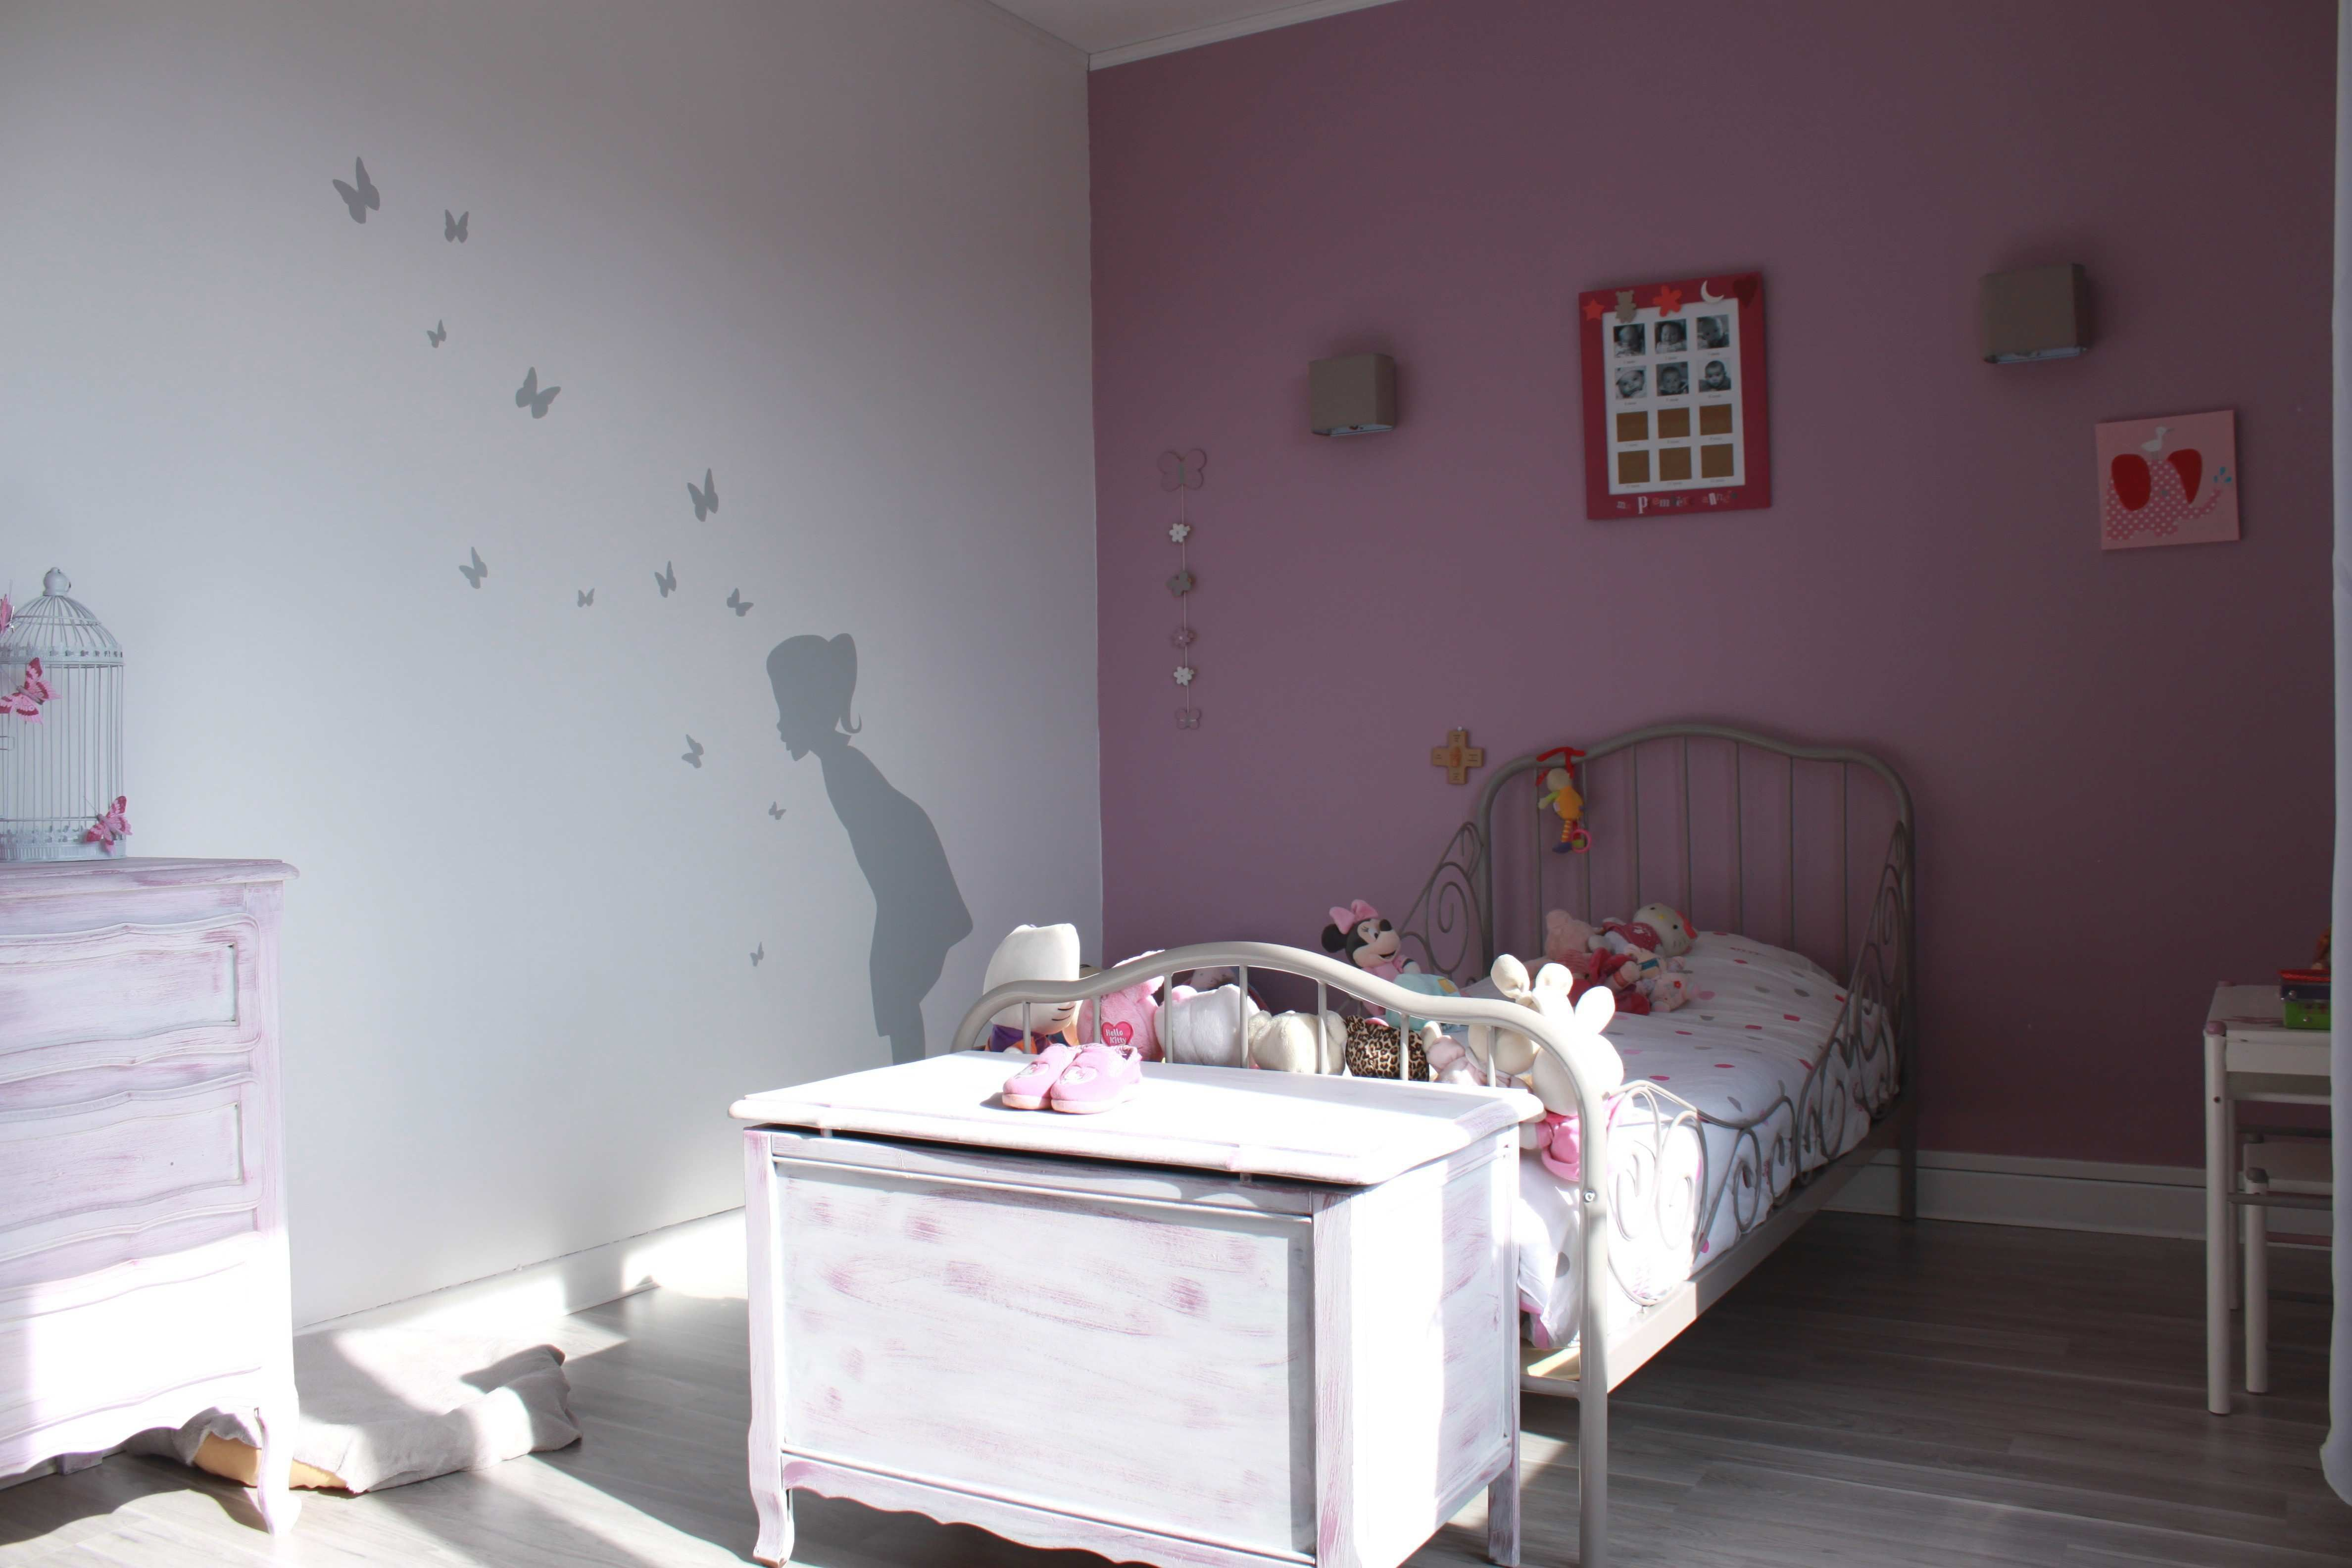 Jouet Lit Bébé Fraîche Chambre Bébé Taupe Et Rose Inspirational Chambre Bébé Jumeaux Luxe